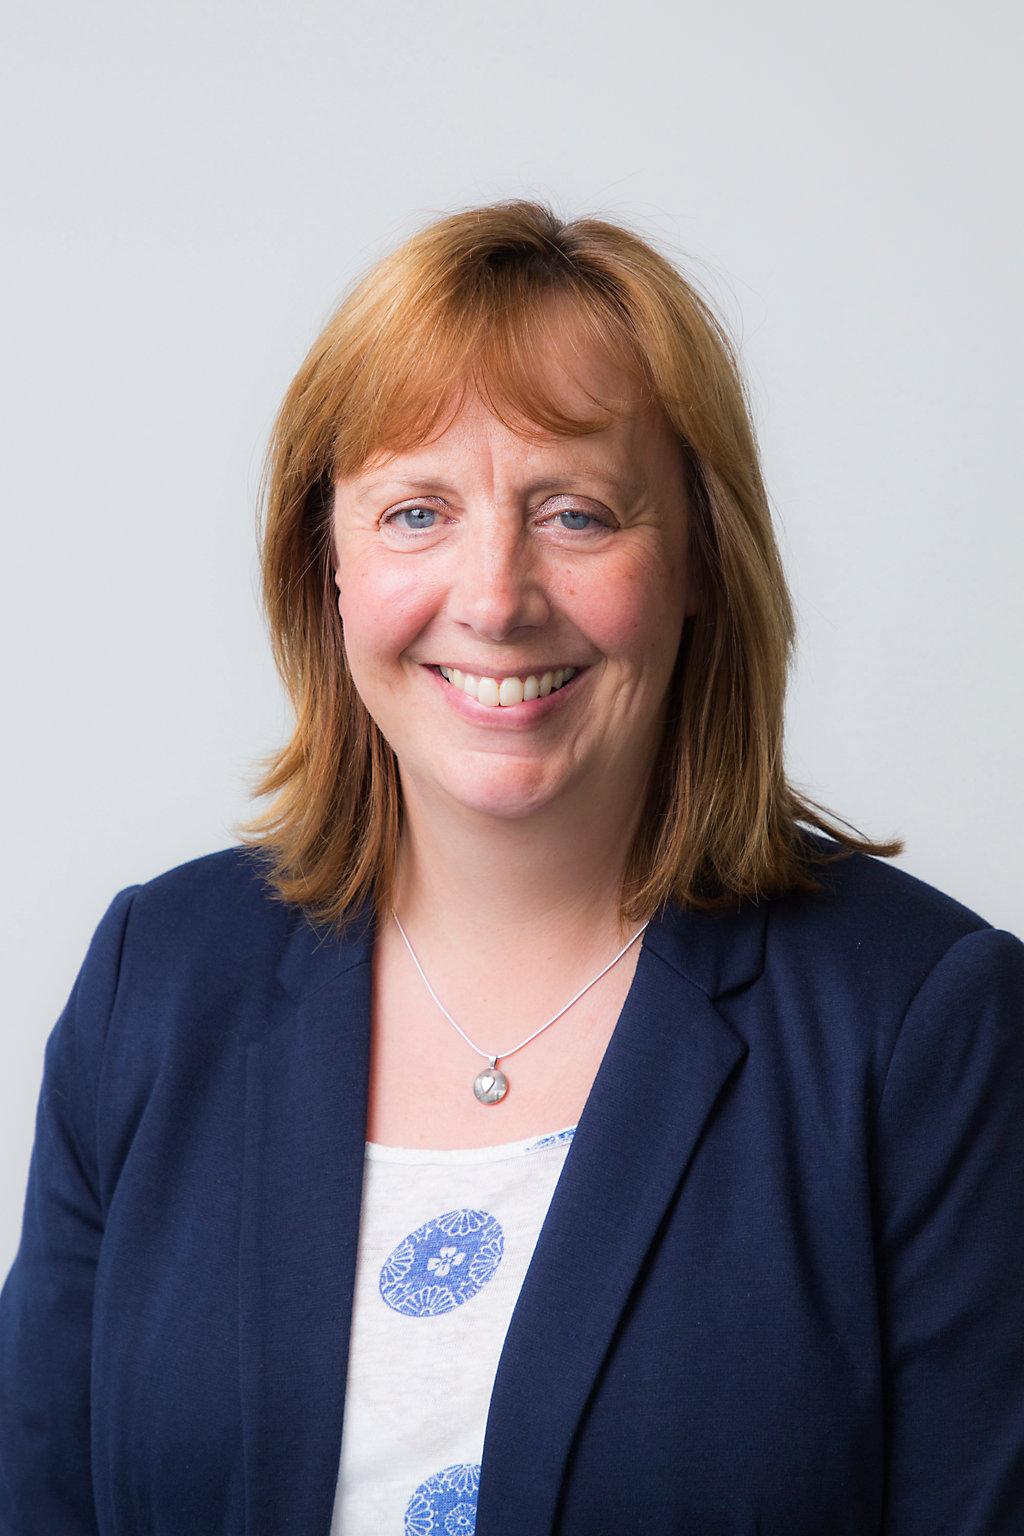 Nicola Perry